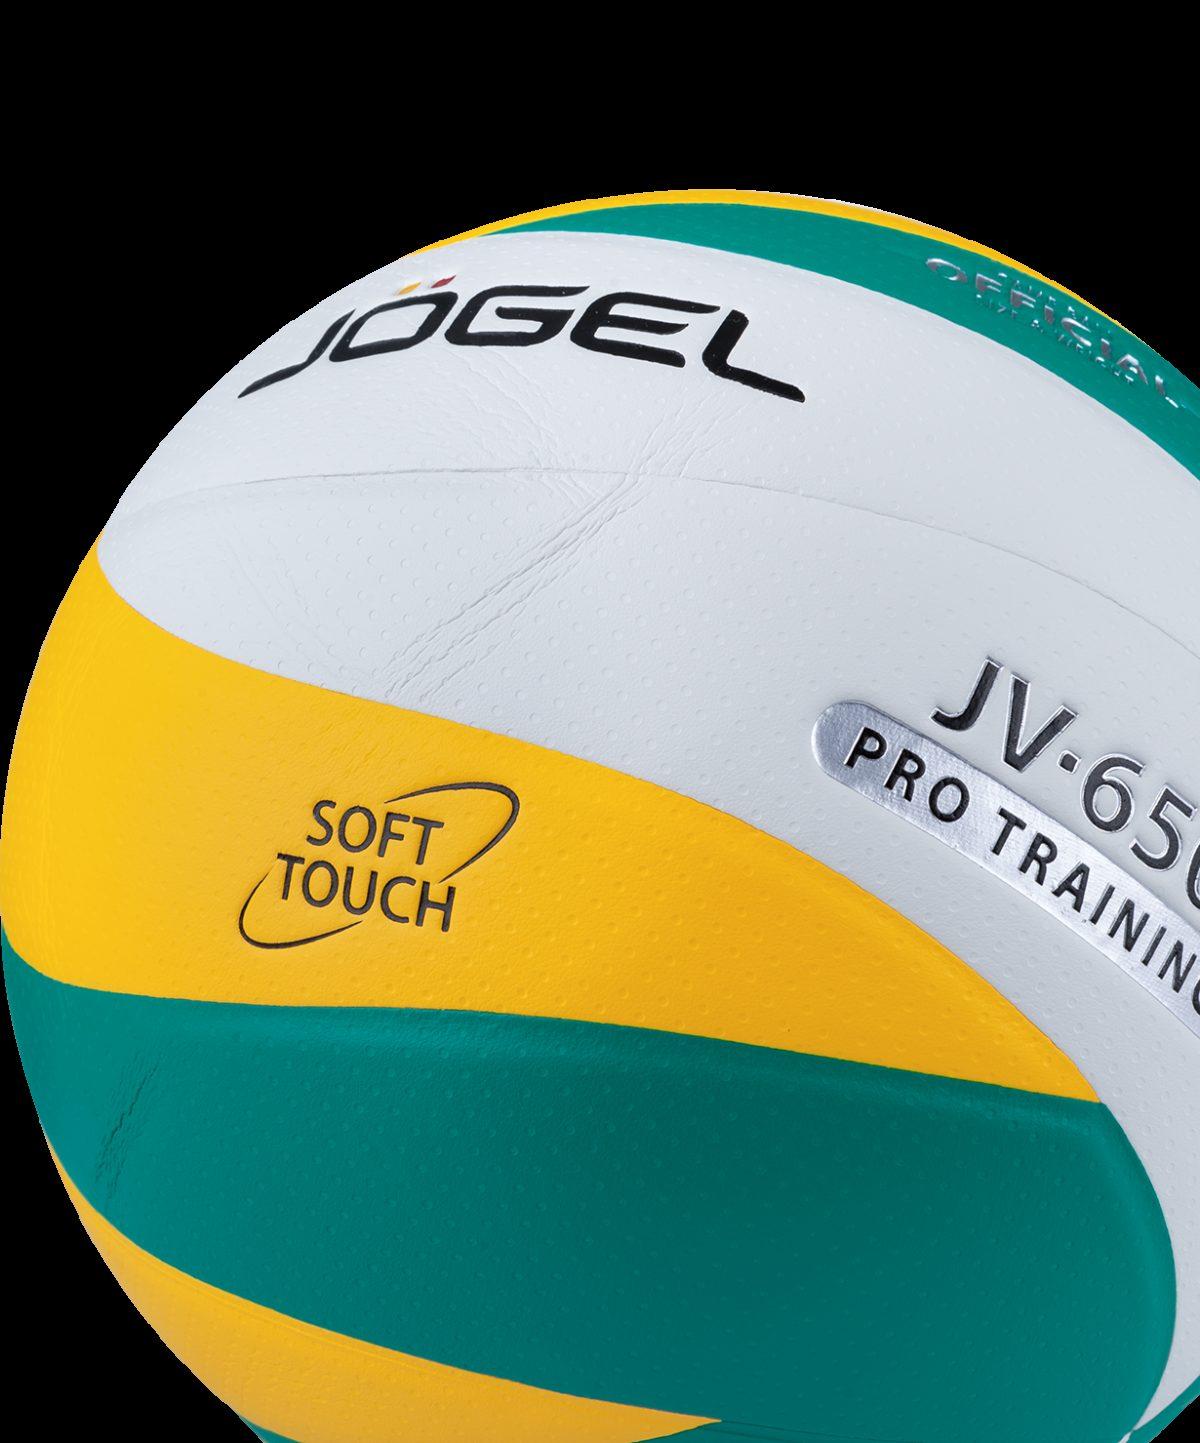 JOGEL Мяч волейбольный JV-650 №5 - 3